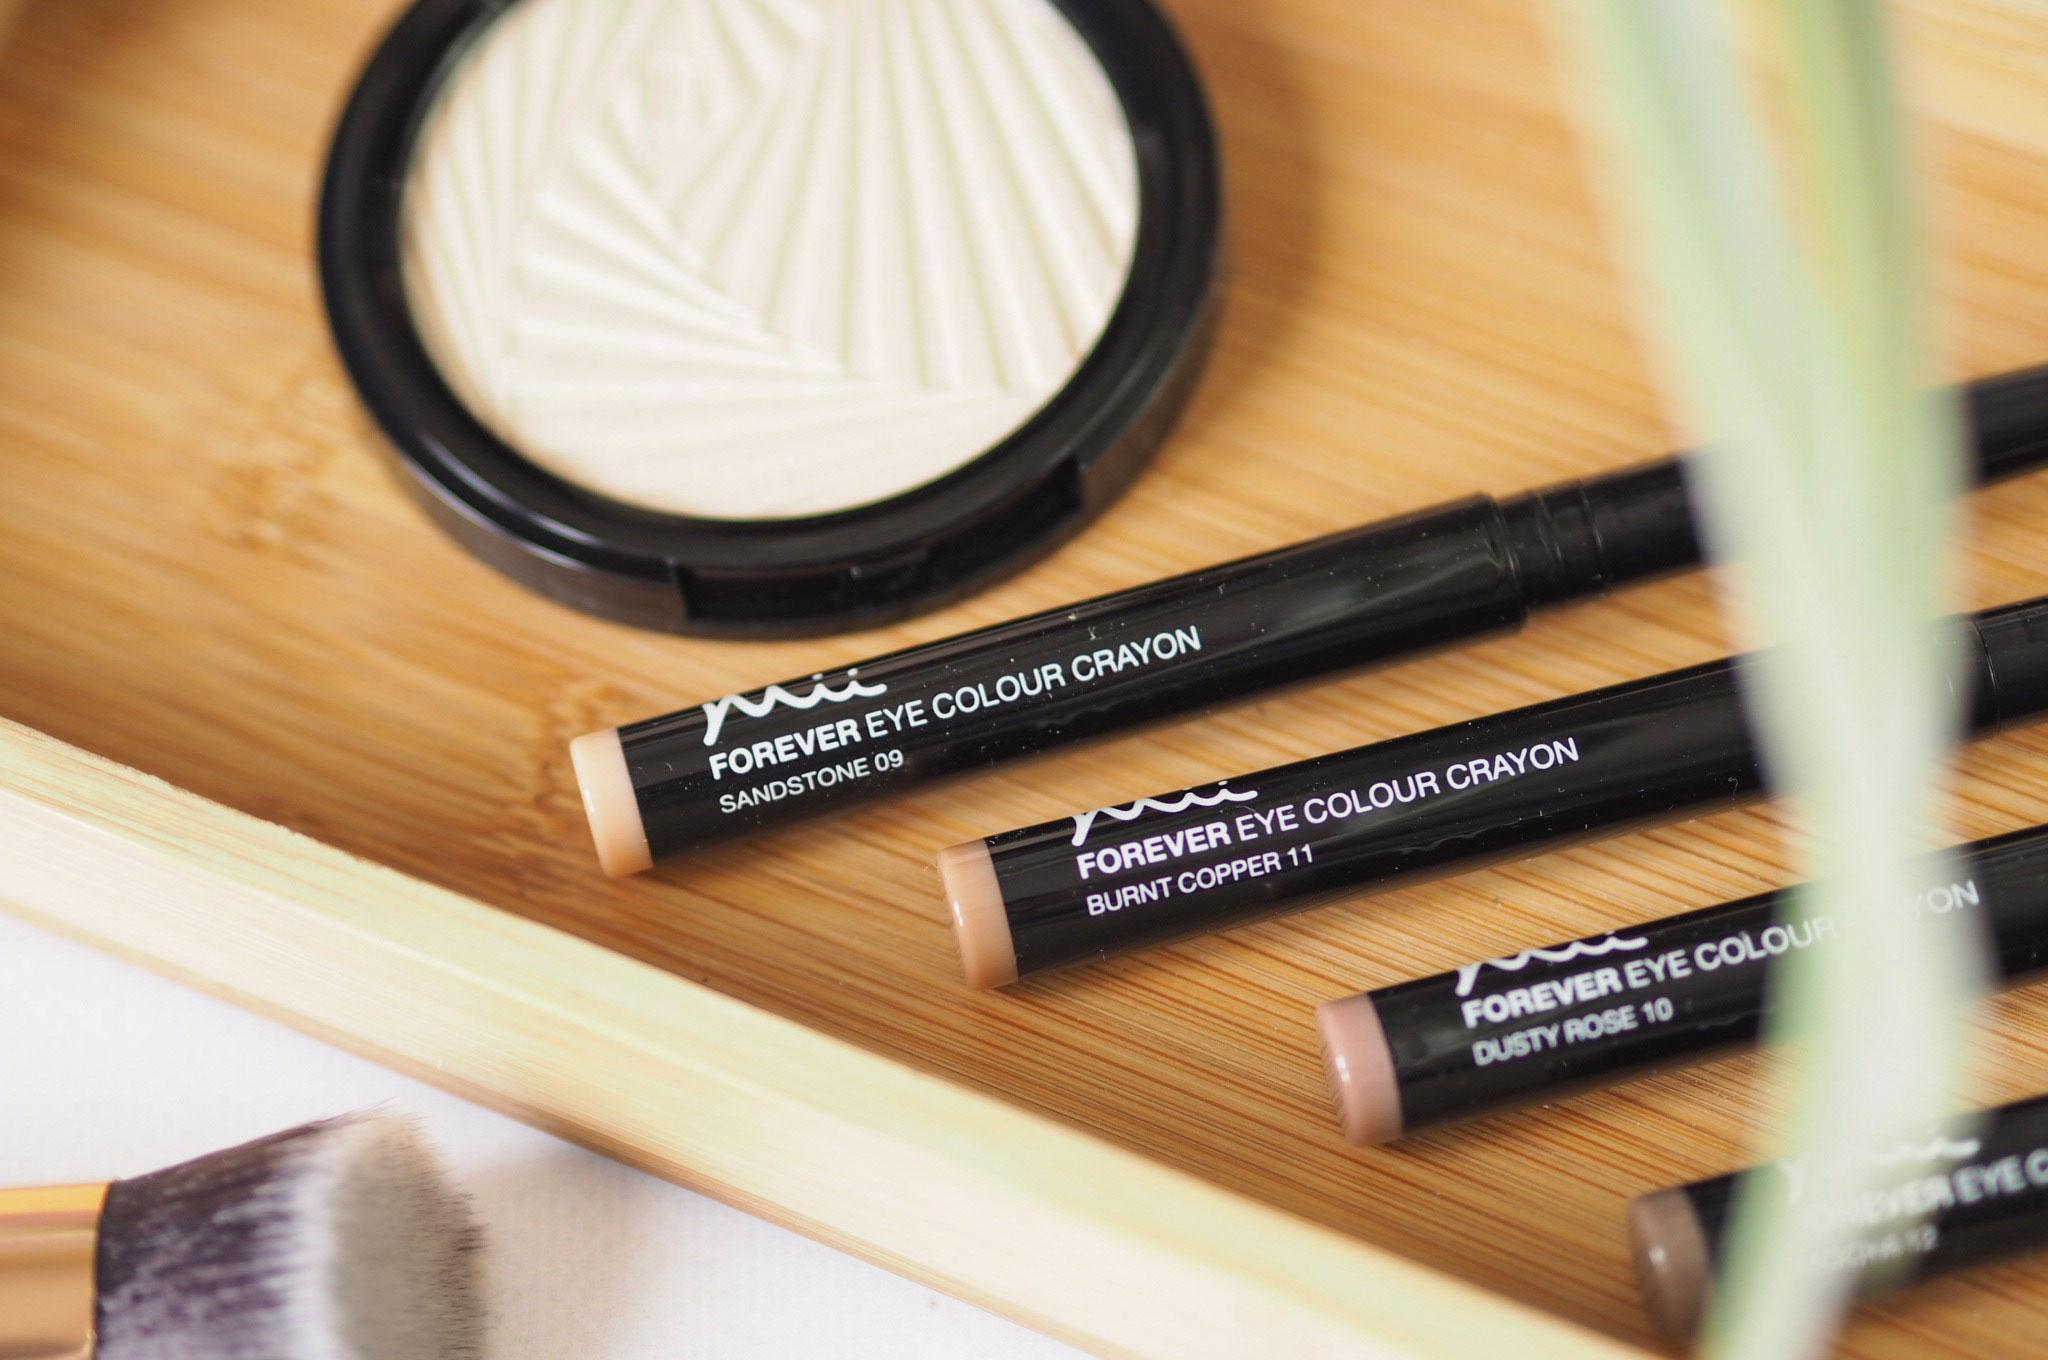 Mii Cosmetics Forever Matte Eye Colour Crayon